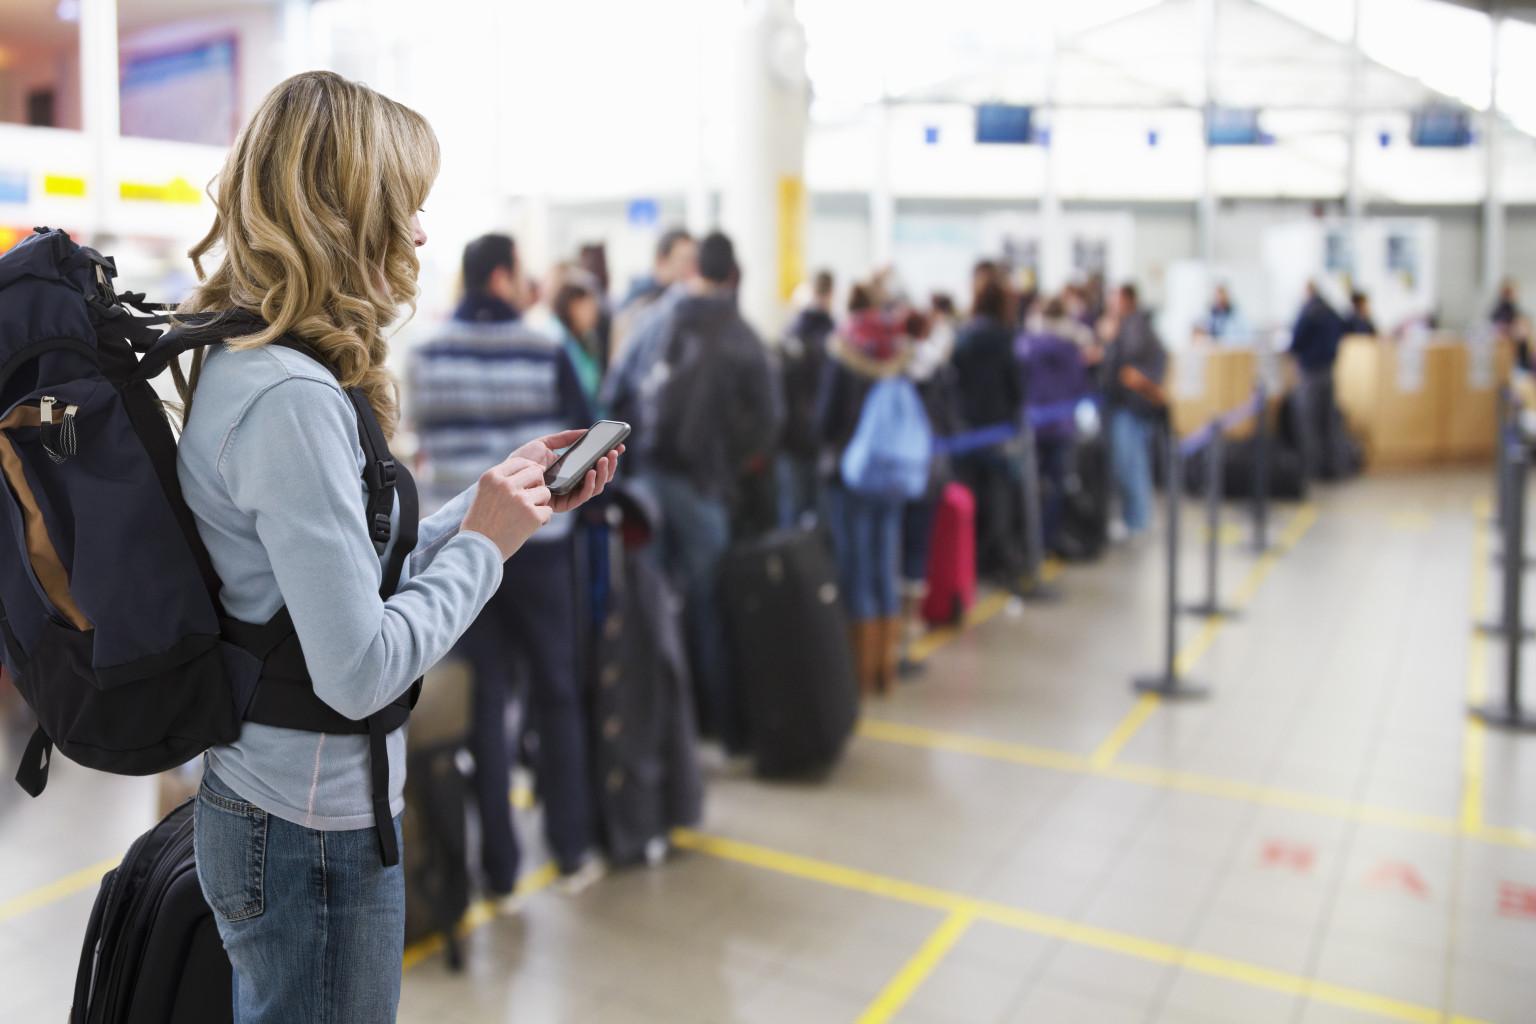 Cần chuẩn bị những giấy tờ cần thiết trước khi lên máy bay